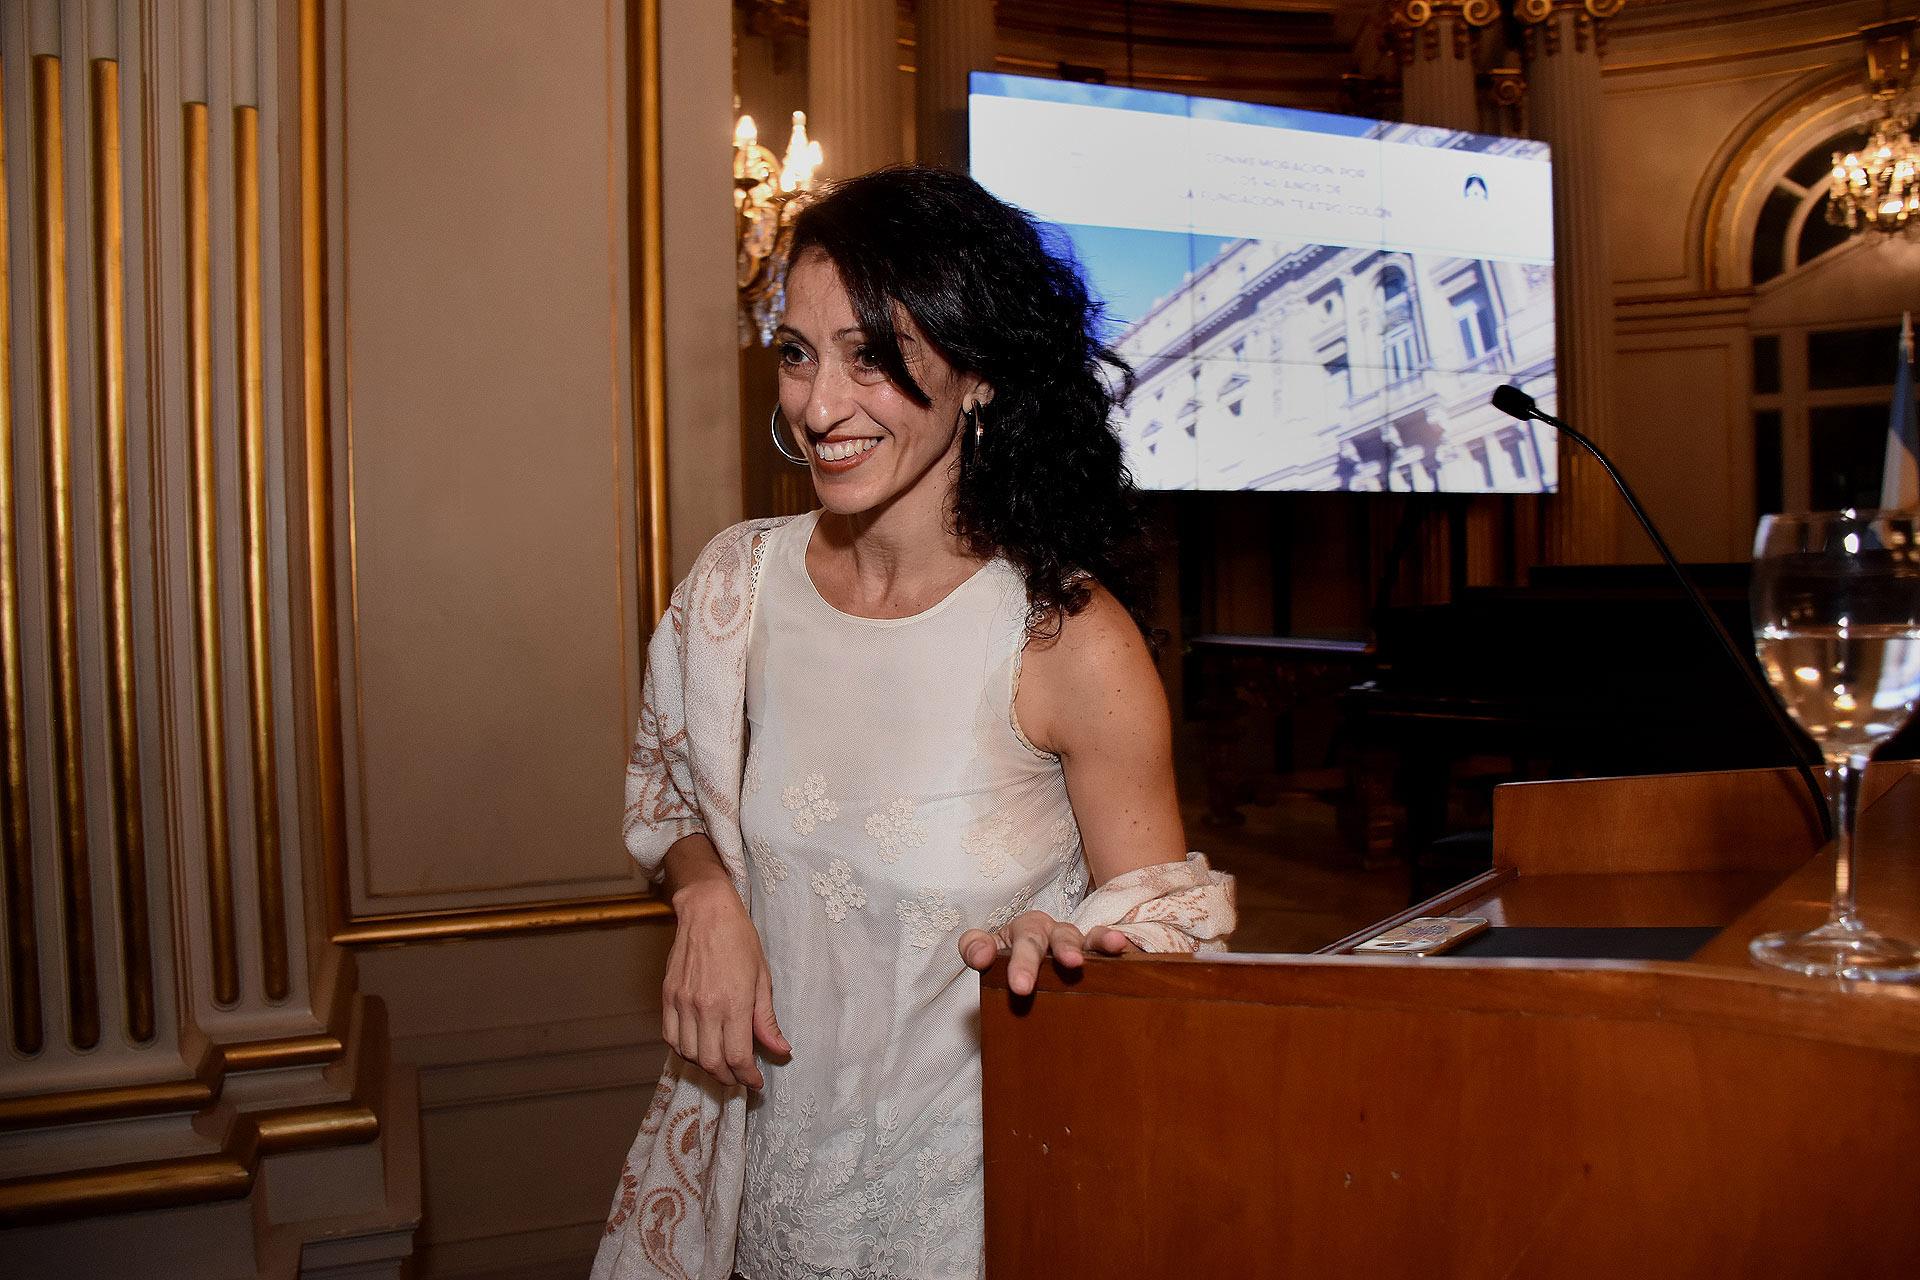 La bailarina Karina Olmedo, ex becaria de la Fundación Teatro Colón